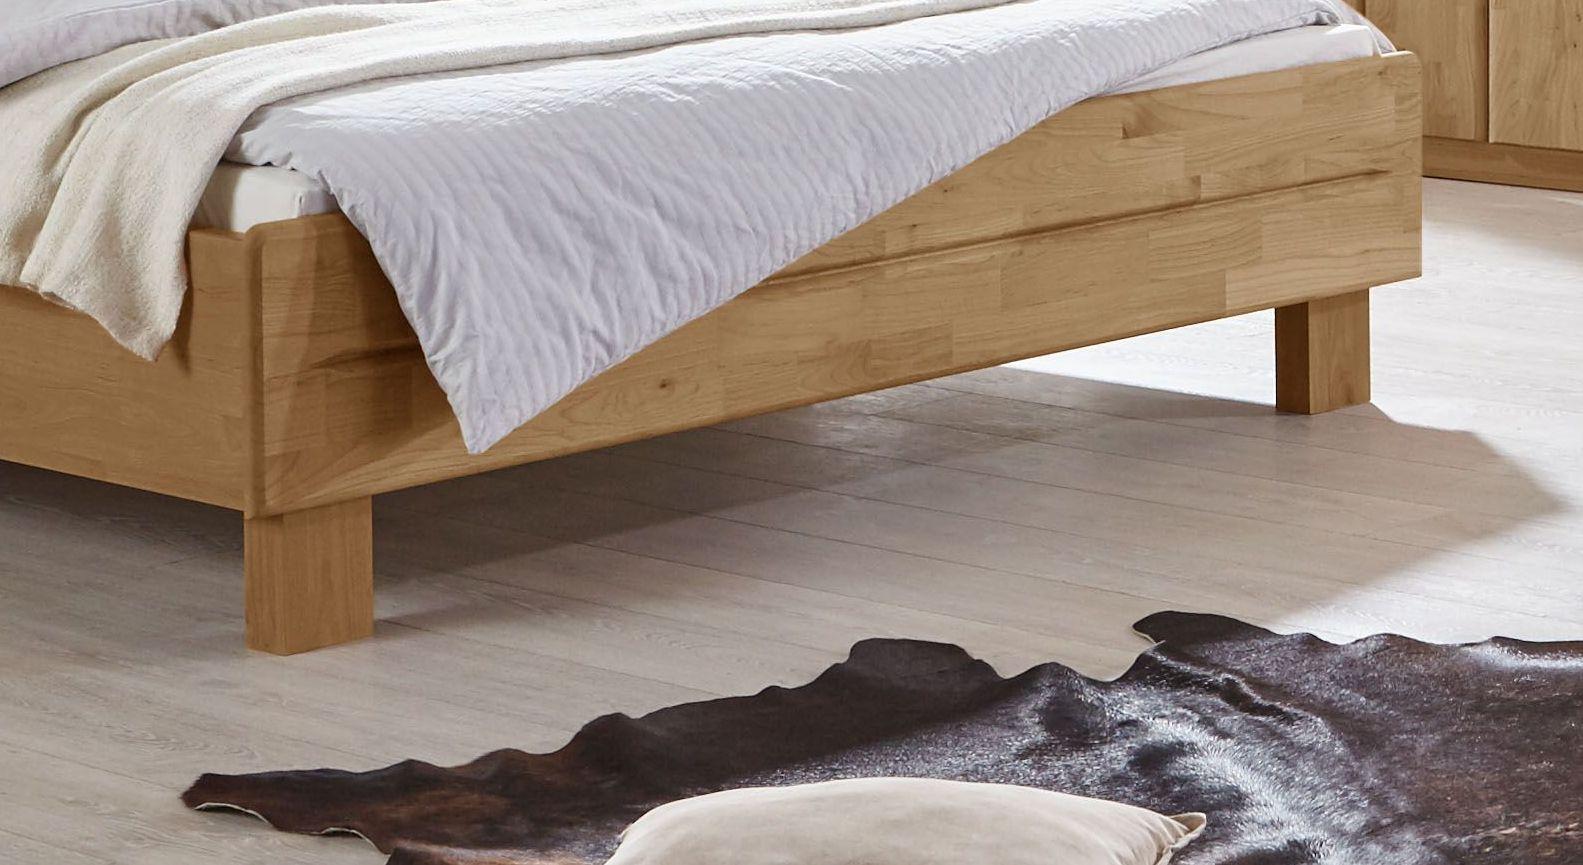 Komfortbett Aliano mit Fußbereich aus Massivholz